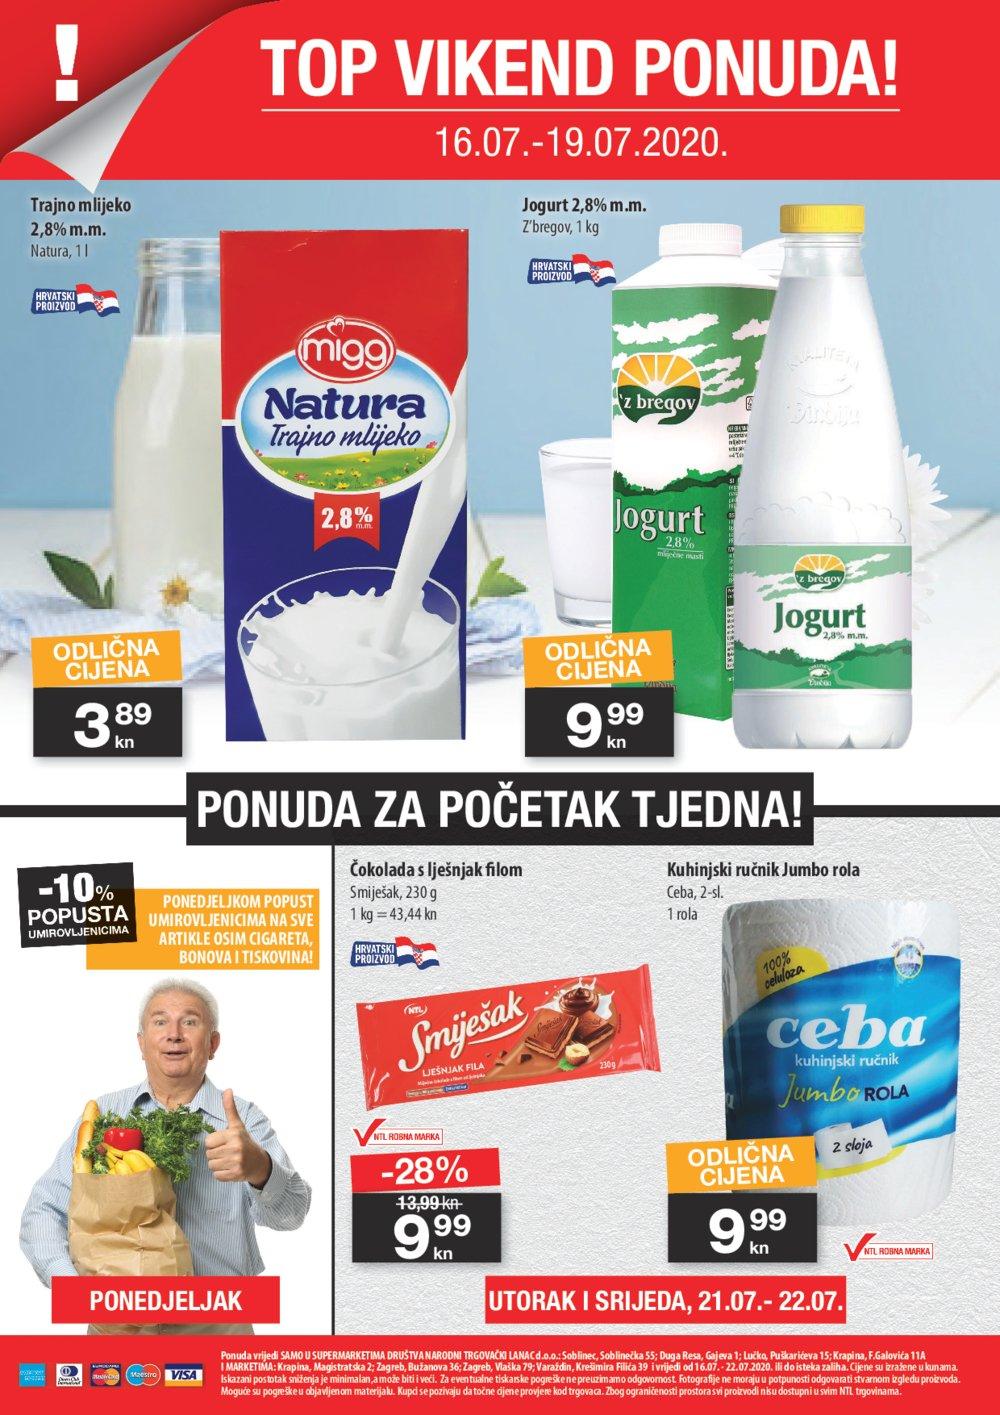 NTL katalog Ljetno sniženje i osvježenje 16.07.-22.07.2020. Soblinec, Duga Resa, Lučko, Krapina, Zagreb, Bužanova, Vlaška, Varaždin